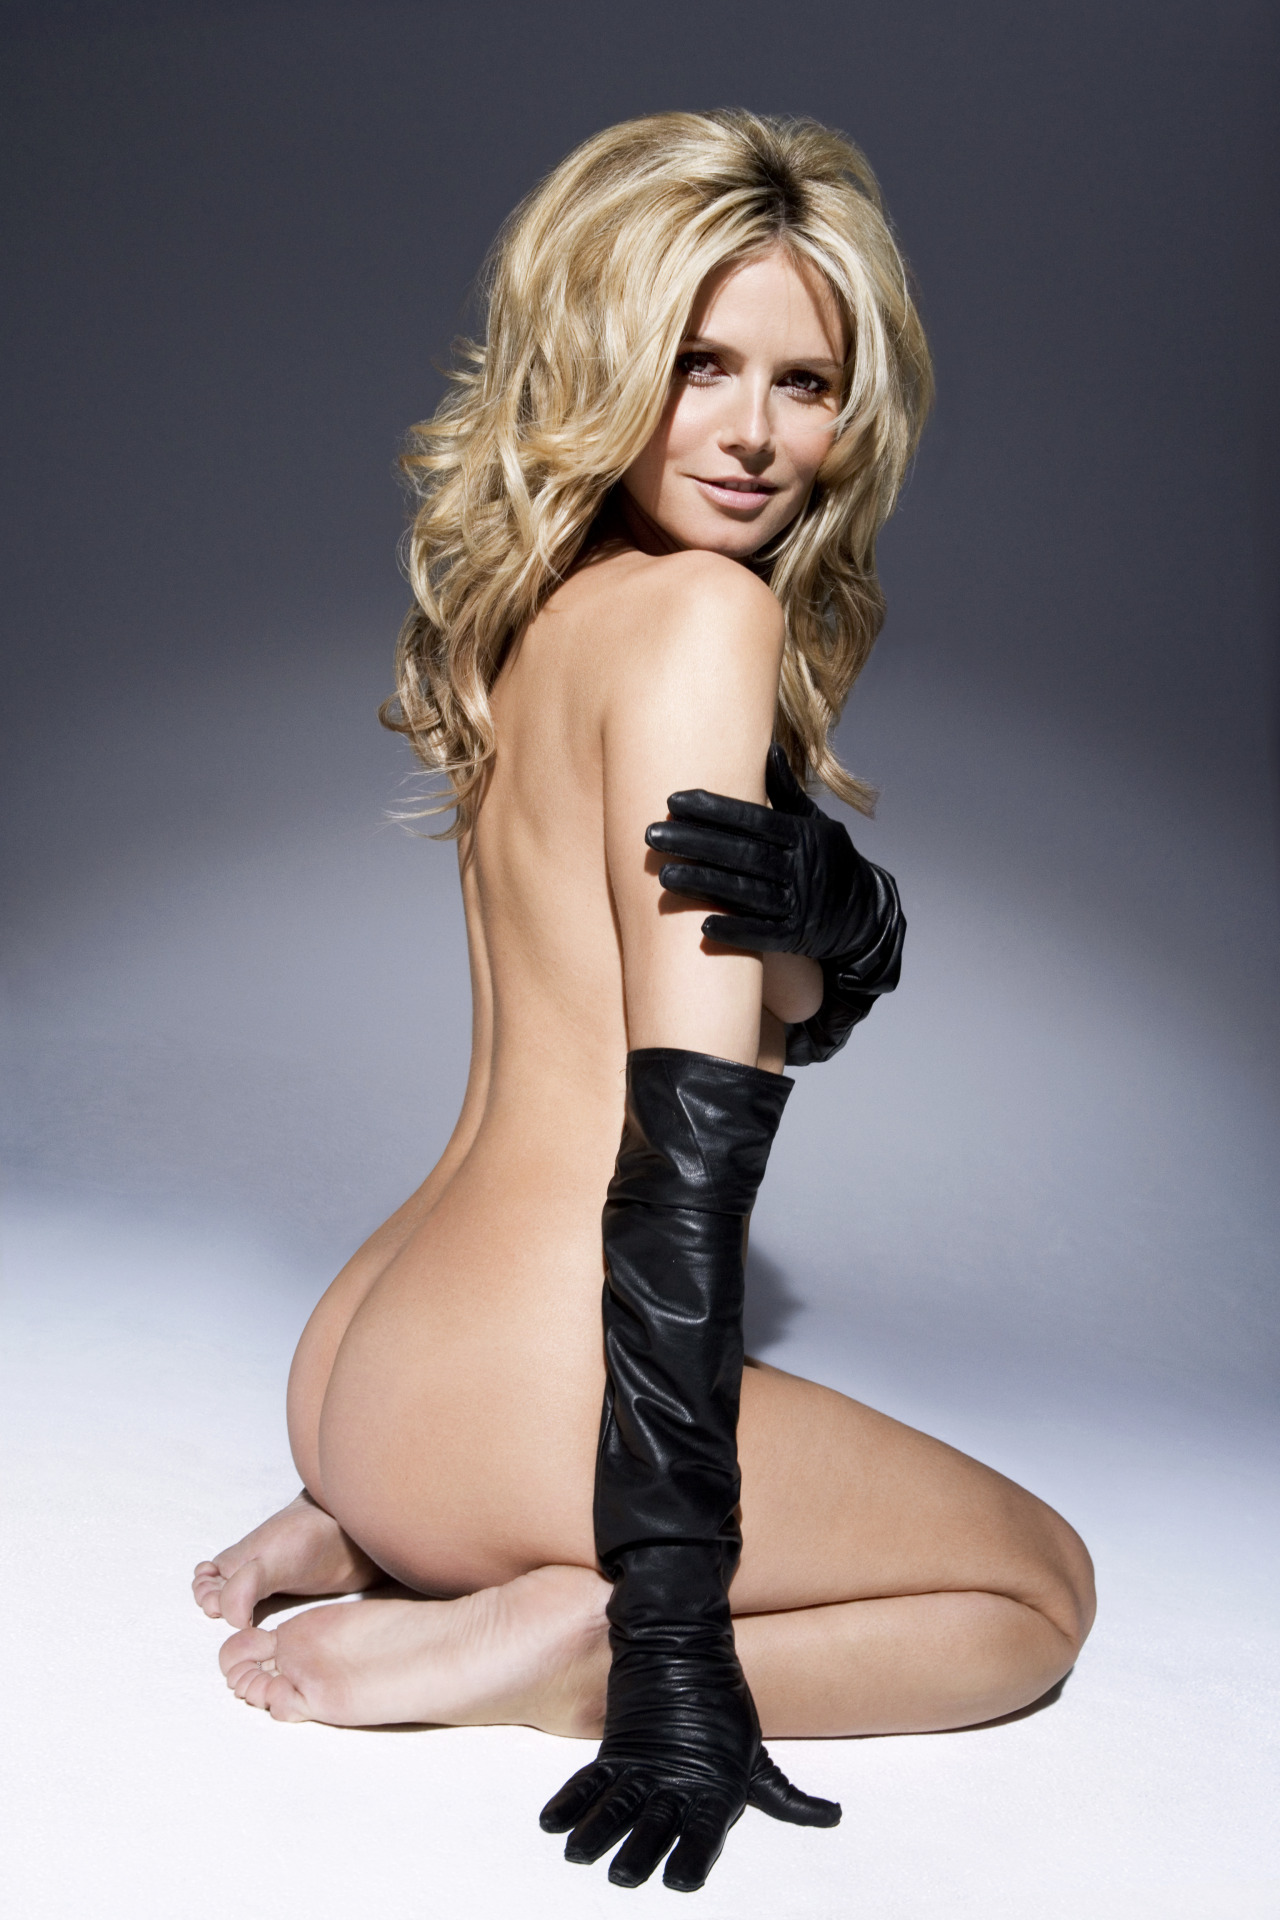 Klum topless nude heidi